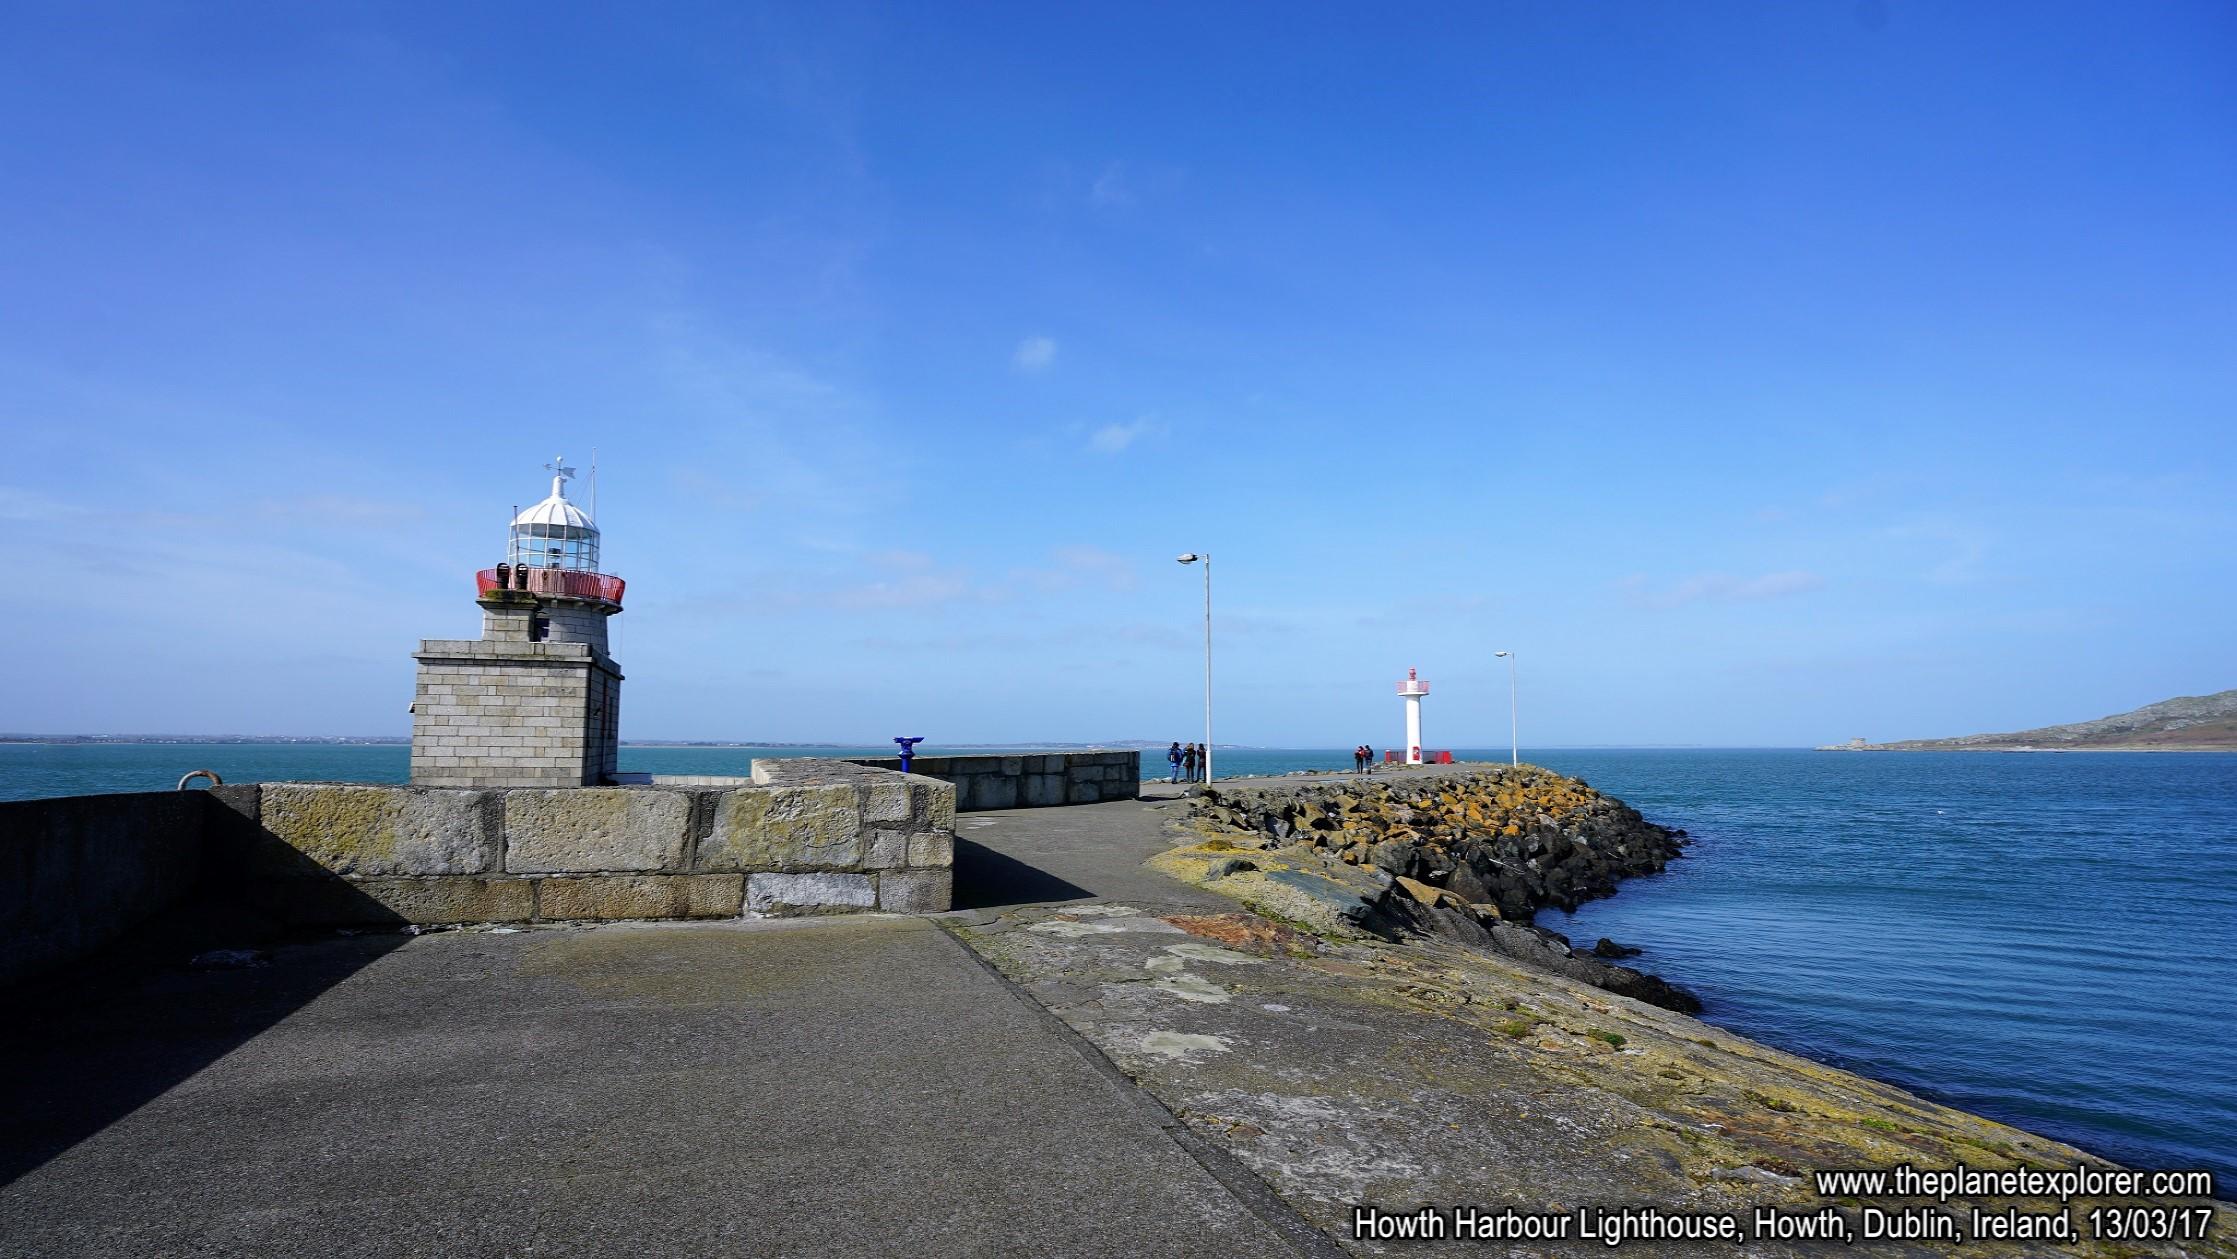 2017-03-13_1245_Ireland_Dublin_Howth_Howth Harbour Lighthouse_DSC08249_s7R2_LR_@www